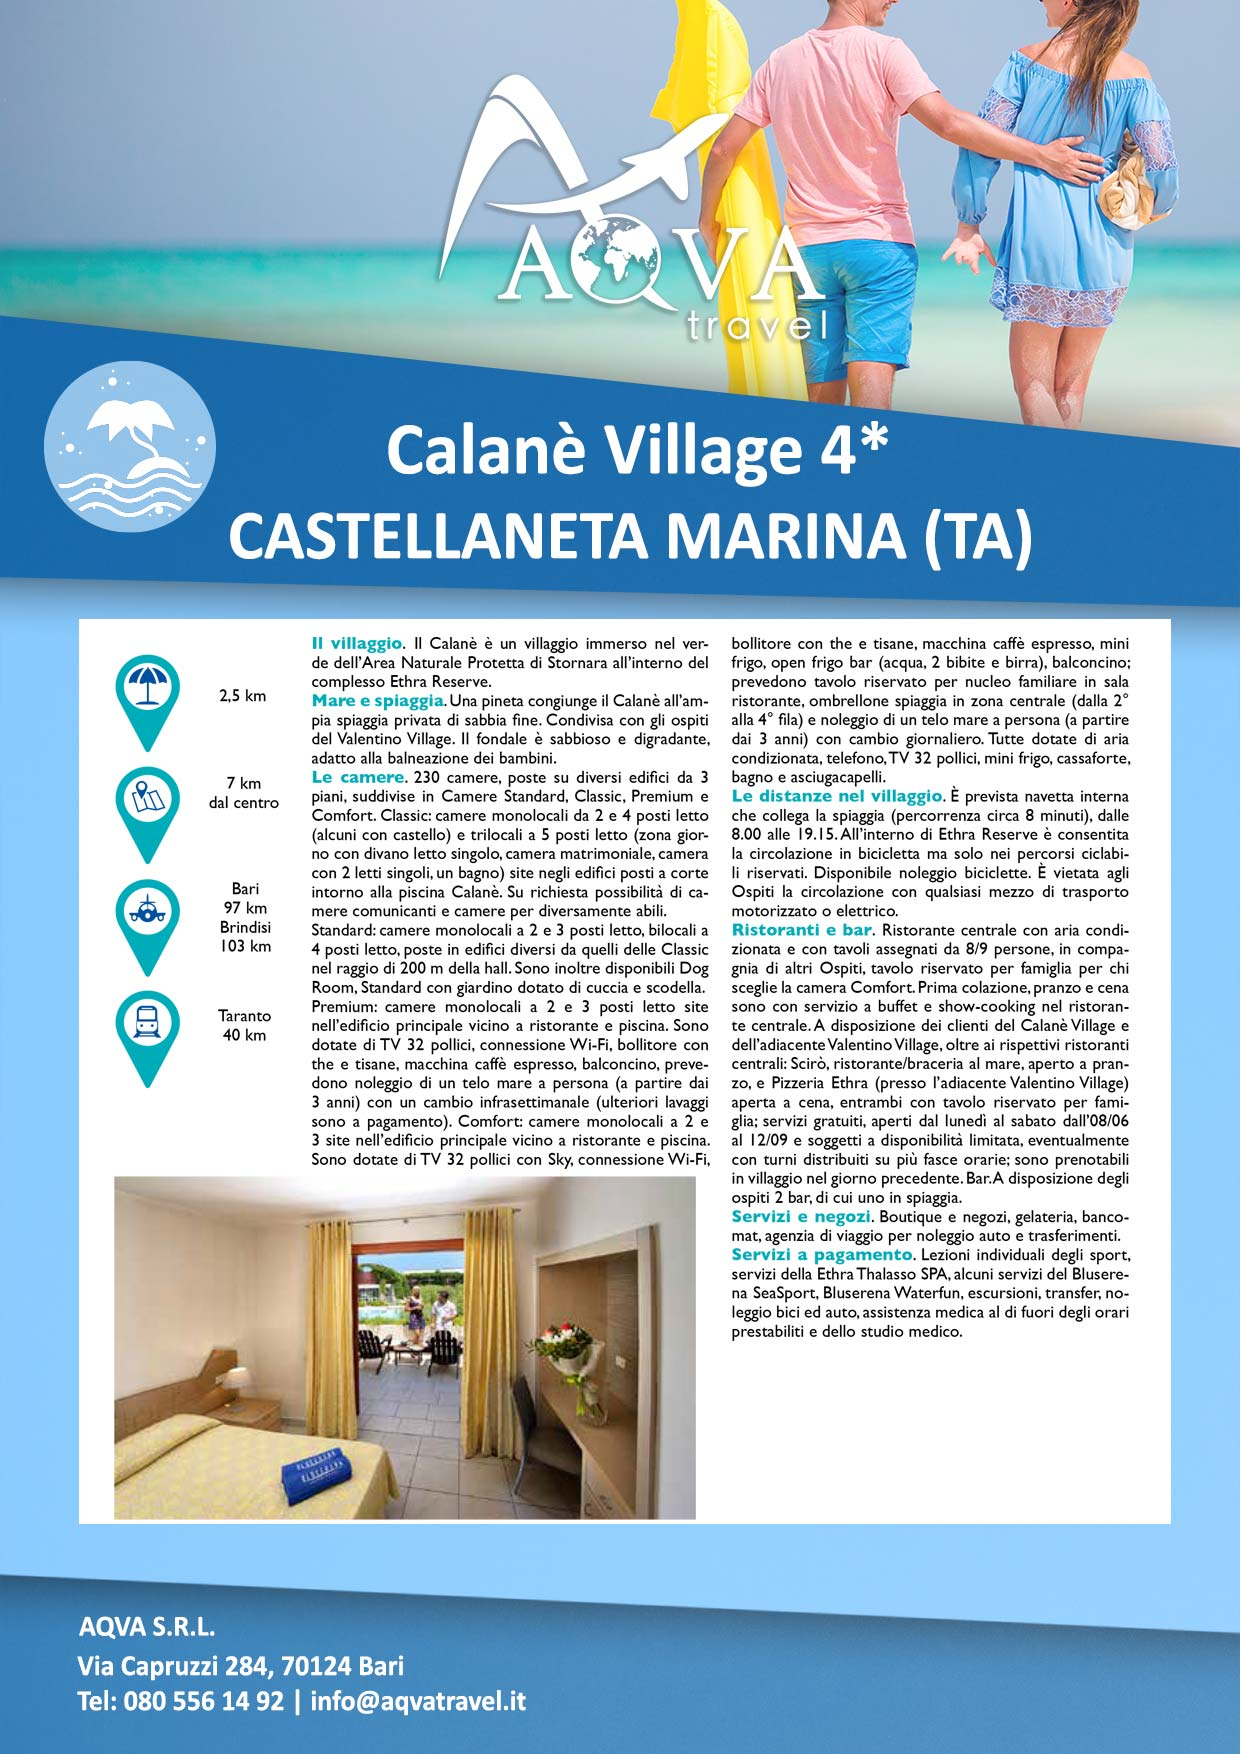 Calanè-Village-4-CASTELLANETA-MARINA-(TA)-Mare-offerte-agenzia-di-viaggi-Bari-AQVATRAVEL-it